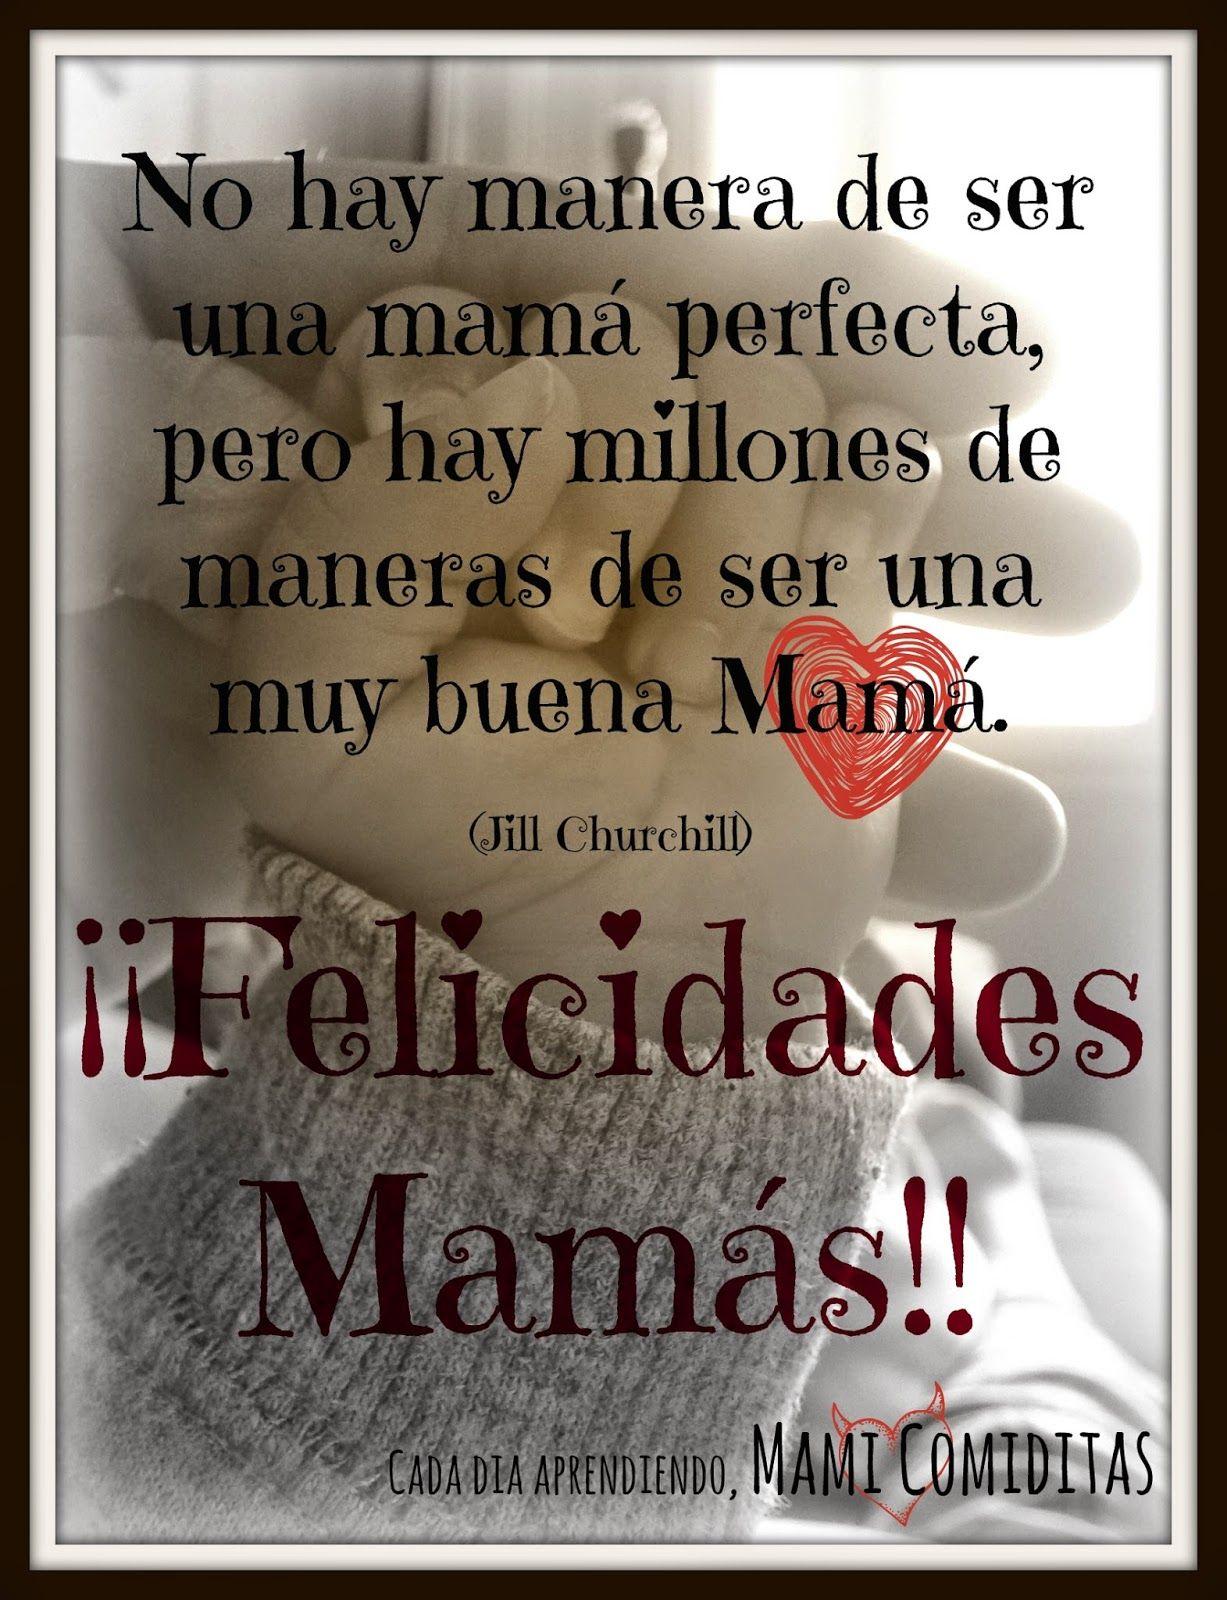 Mami Comiditas Felicidades Mamas Feliz Día De La